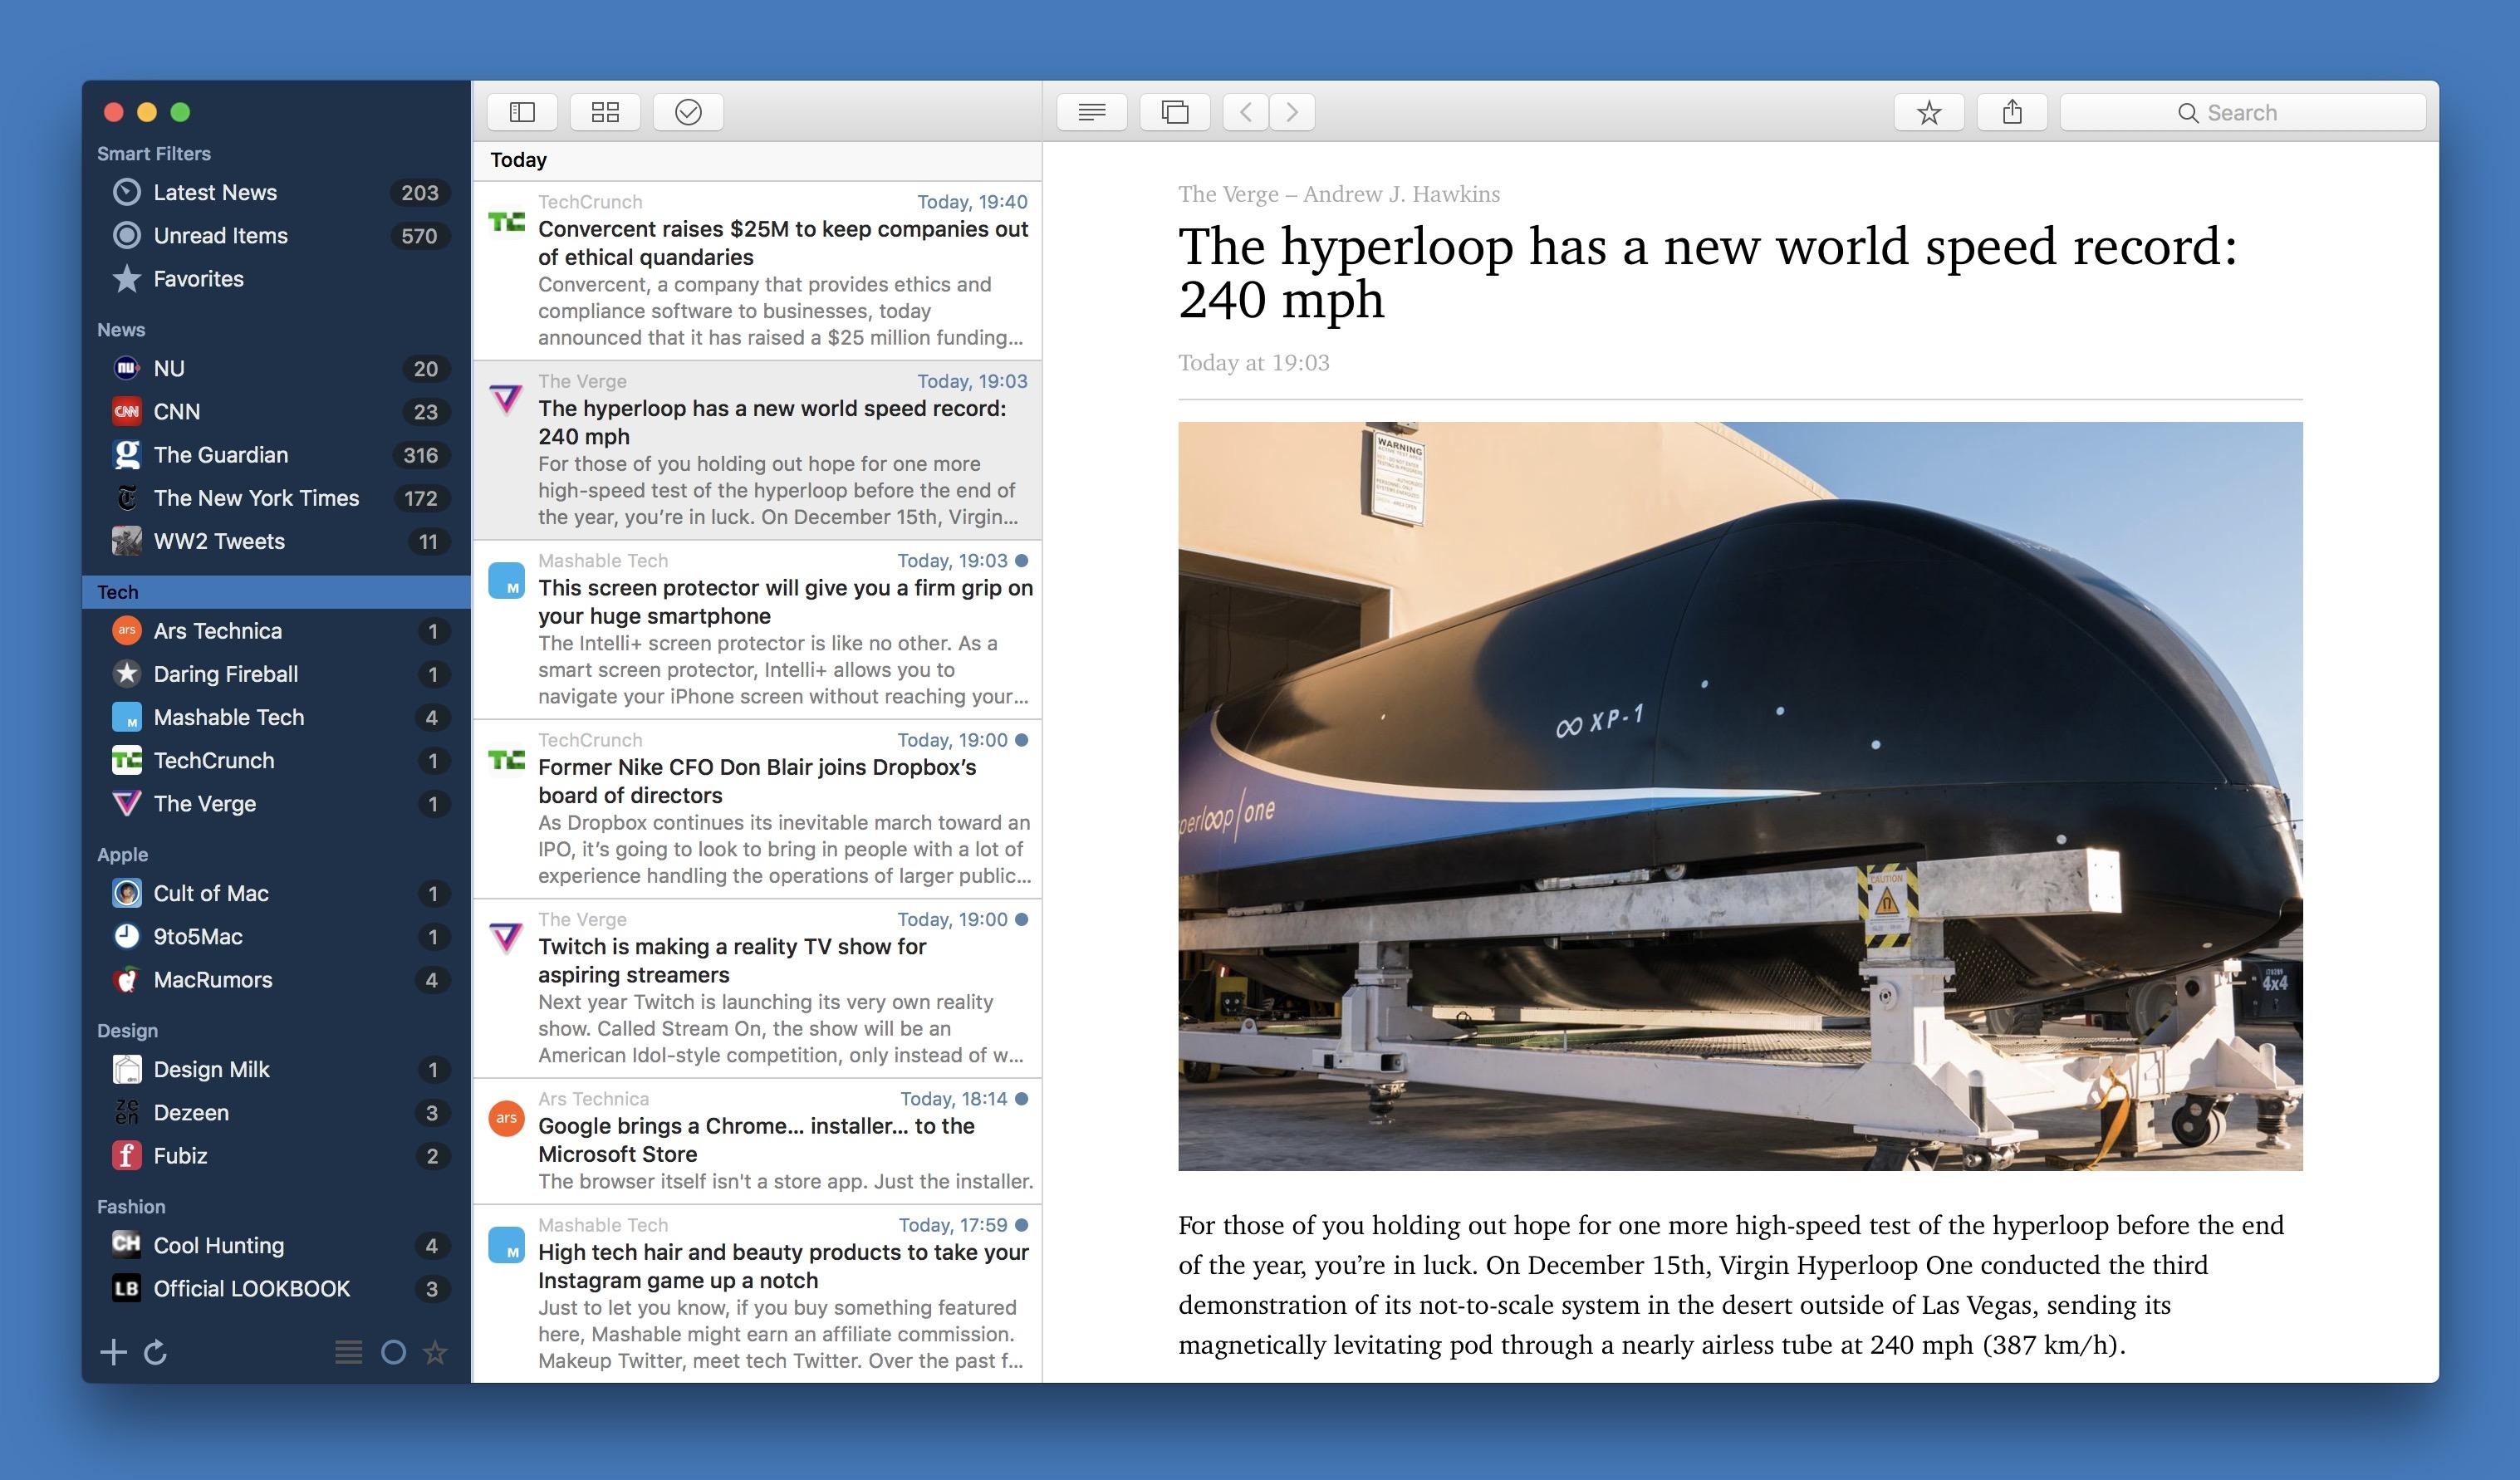 News Explorer 1.8.3